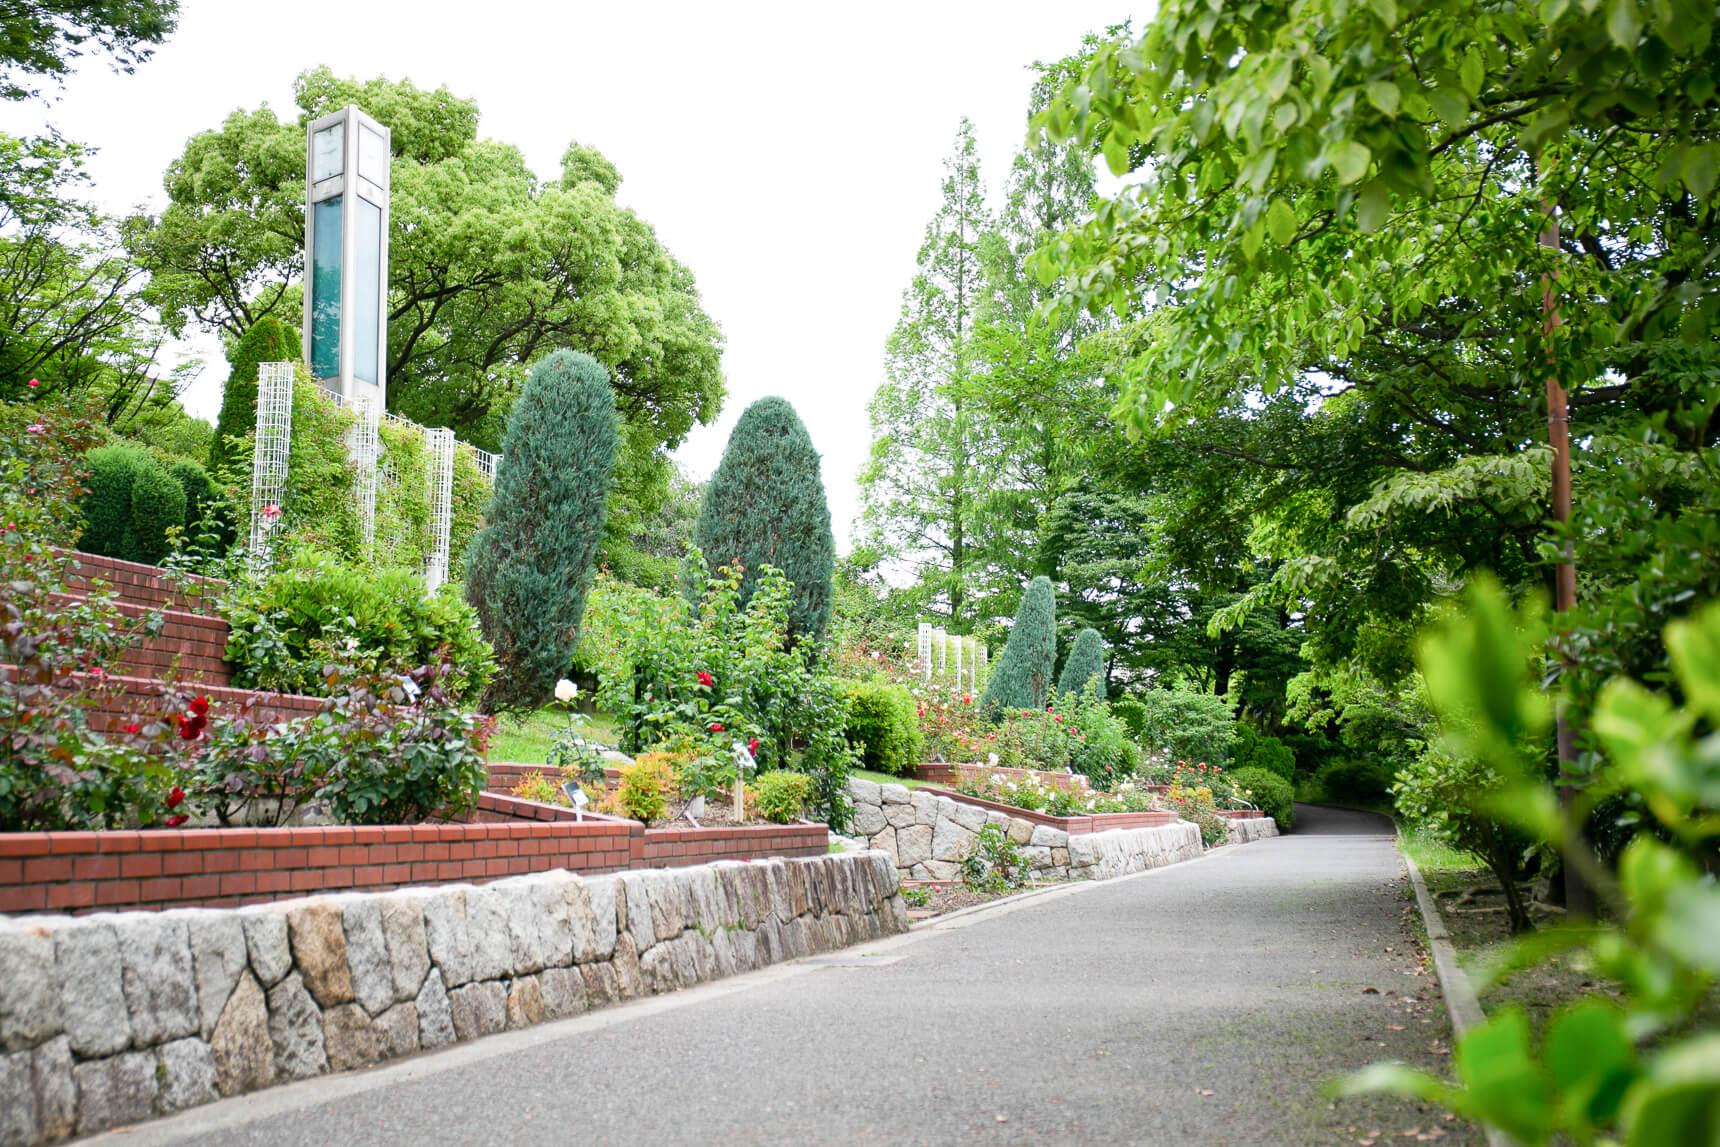 豊中市の市花であるバラが60種類以上も育つバラ園に、大きな芝生の広場があり、小さなお子さんとのお散歩や、ピクニックにも良さそう